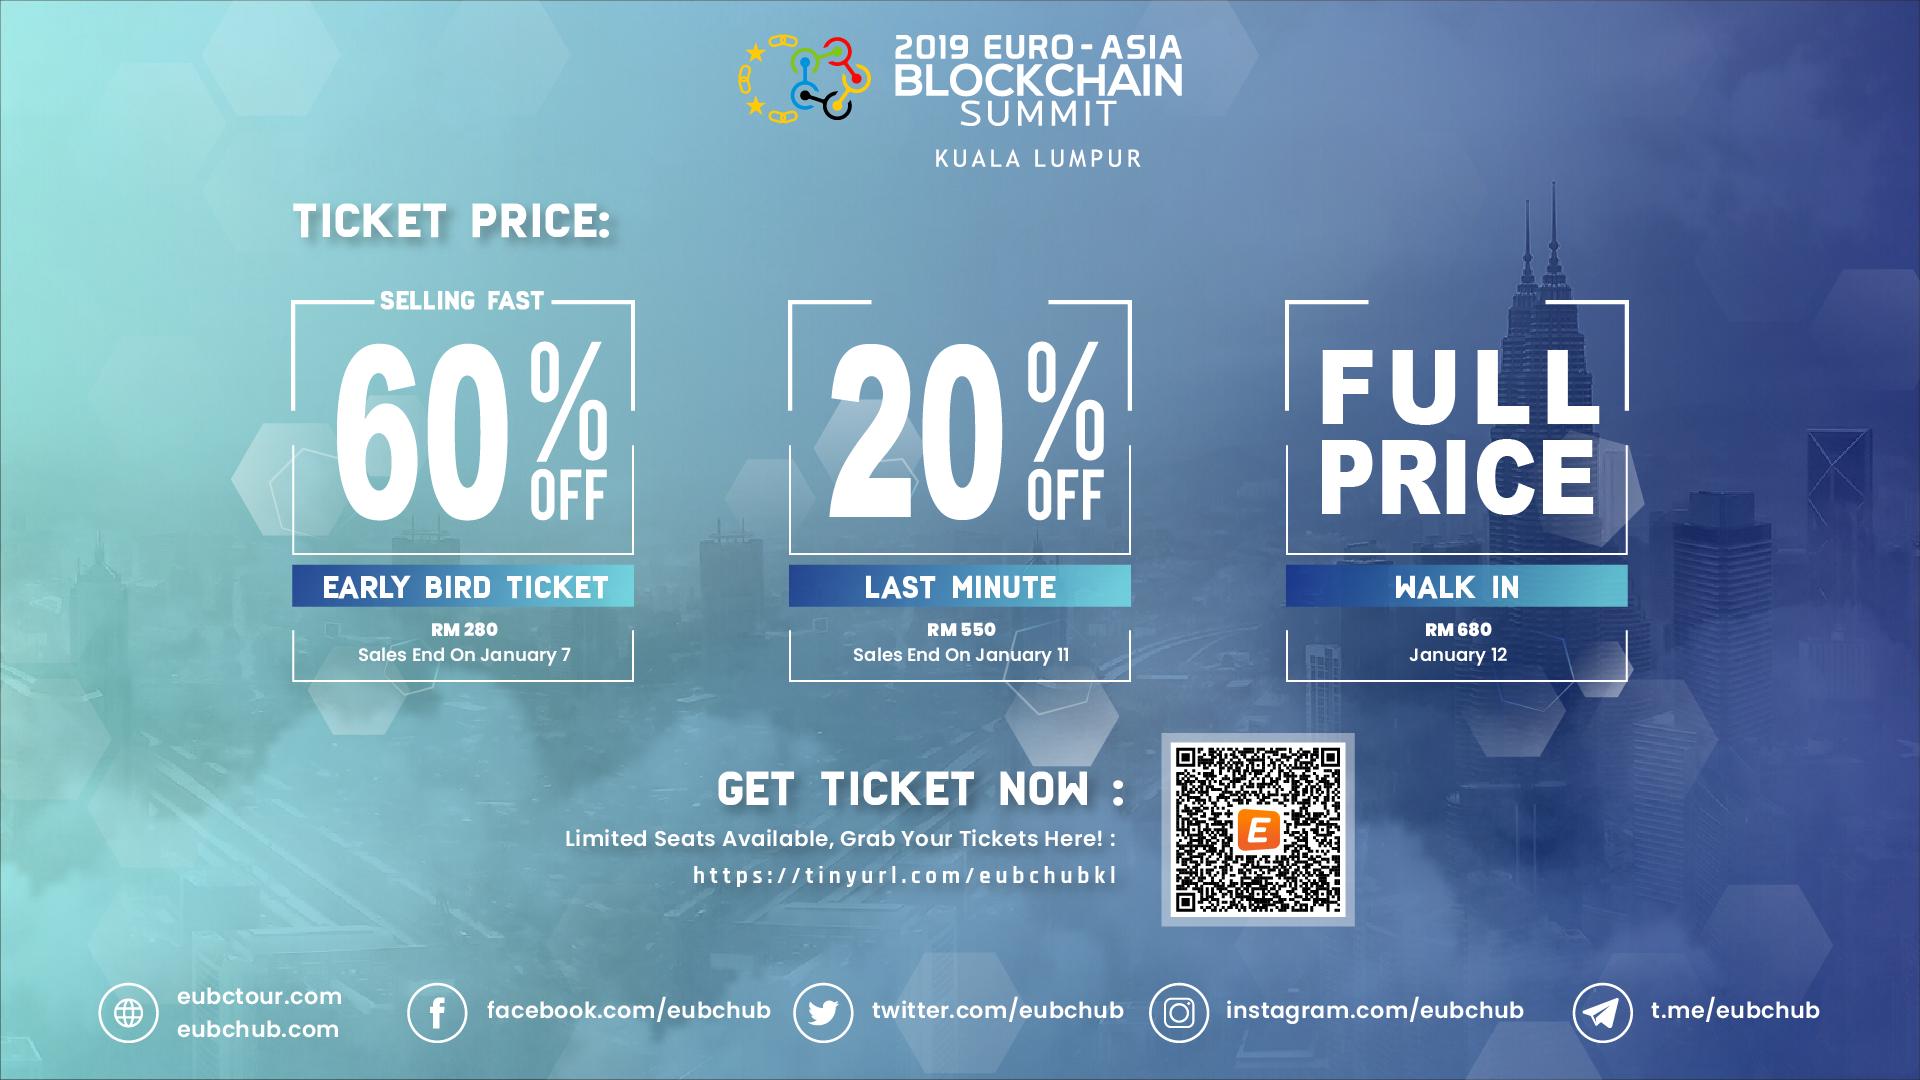 Ticket Price (MYR)